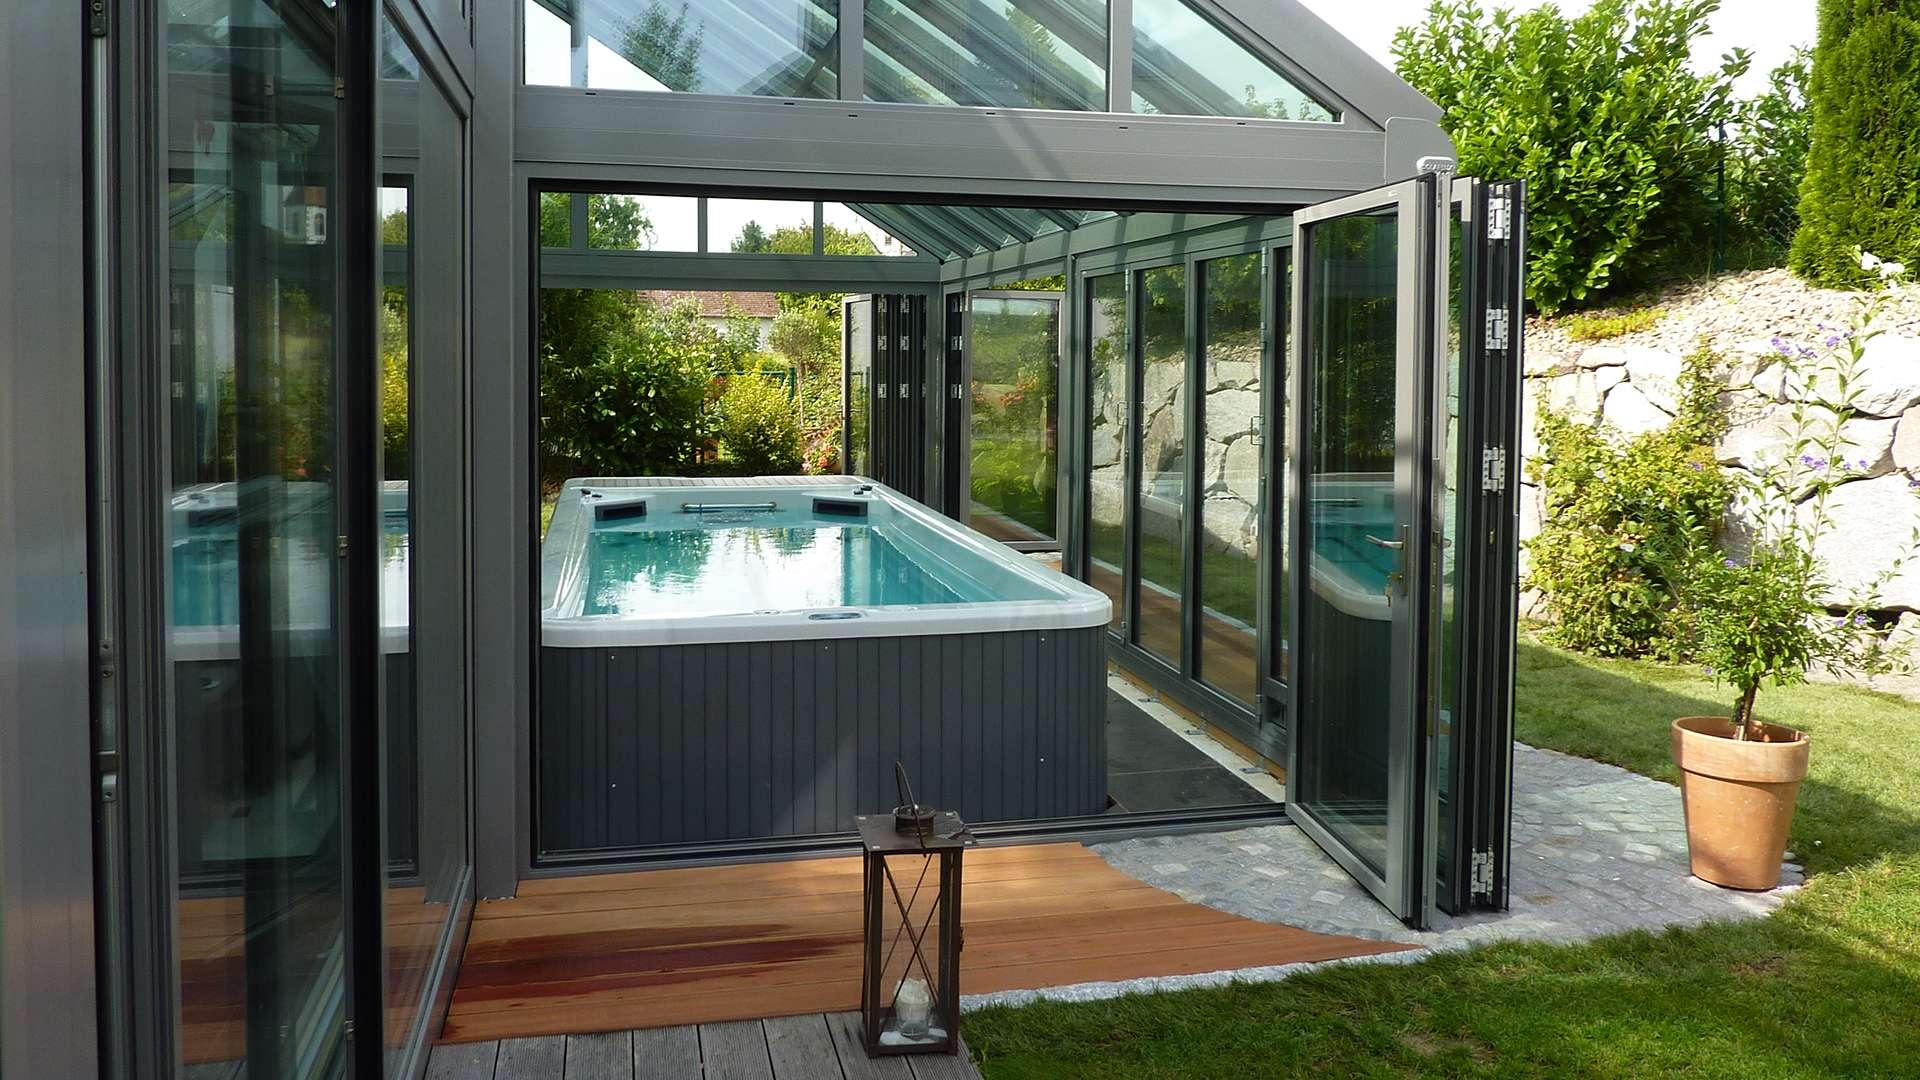 Wintergarten mit geöffneter Glas-Front mit Blick auf einen Indoor-Pool